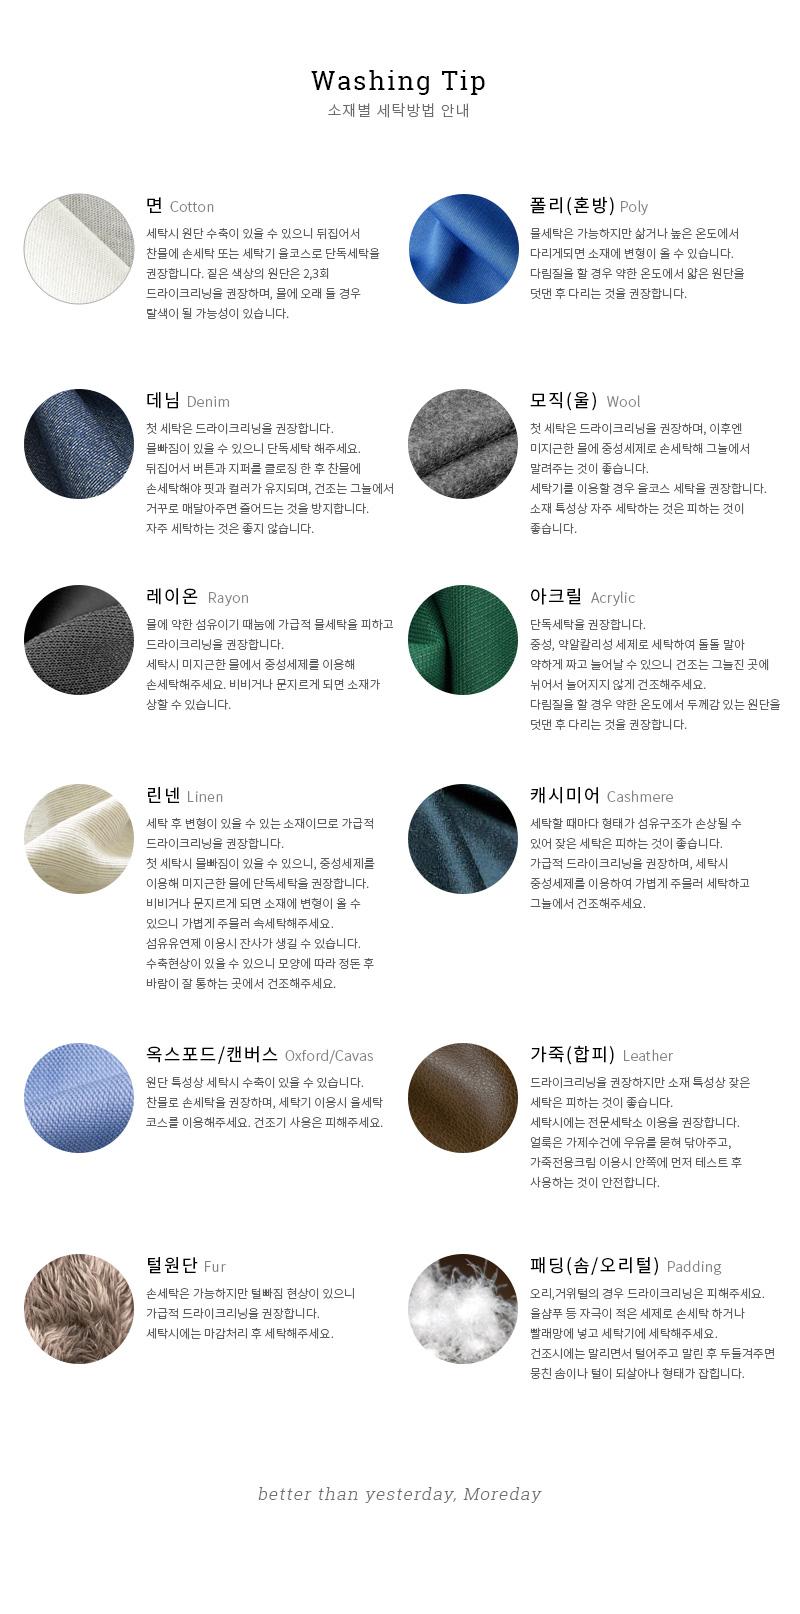 루즈핏 브이넥 썸머 니트 (4colors)